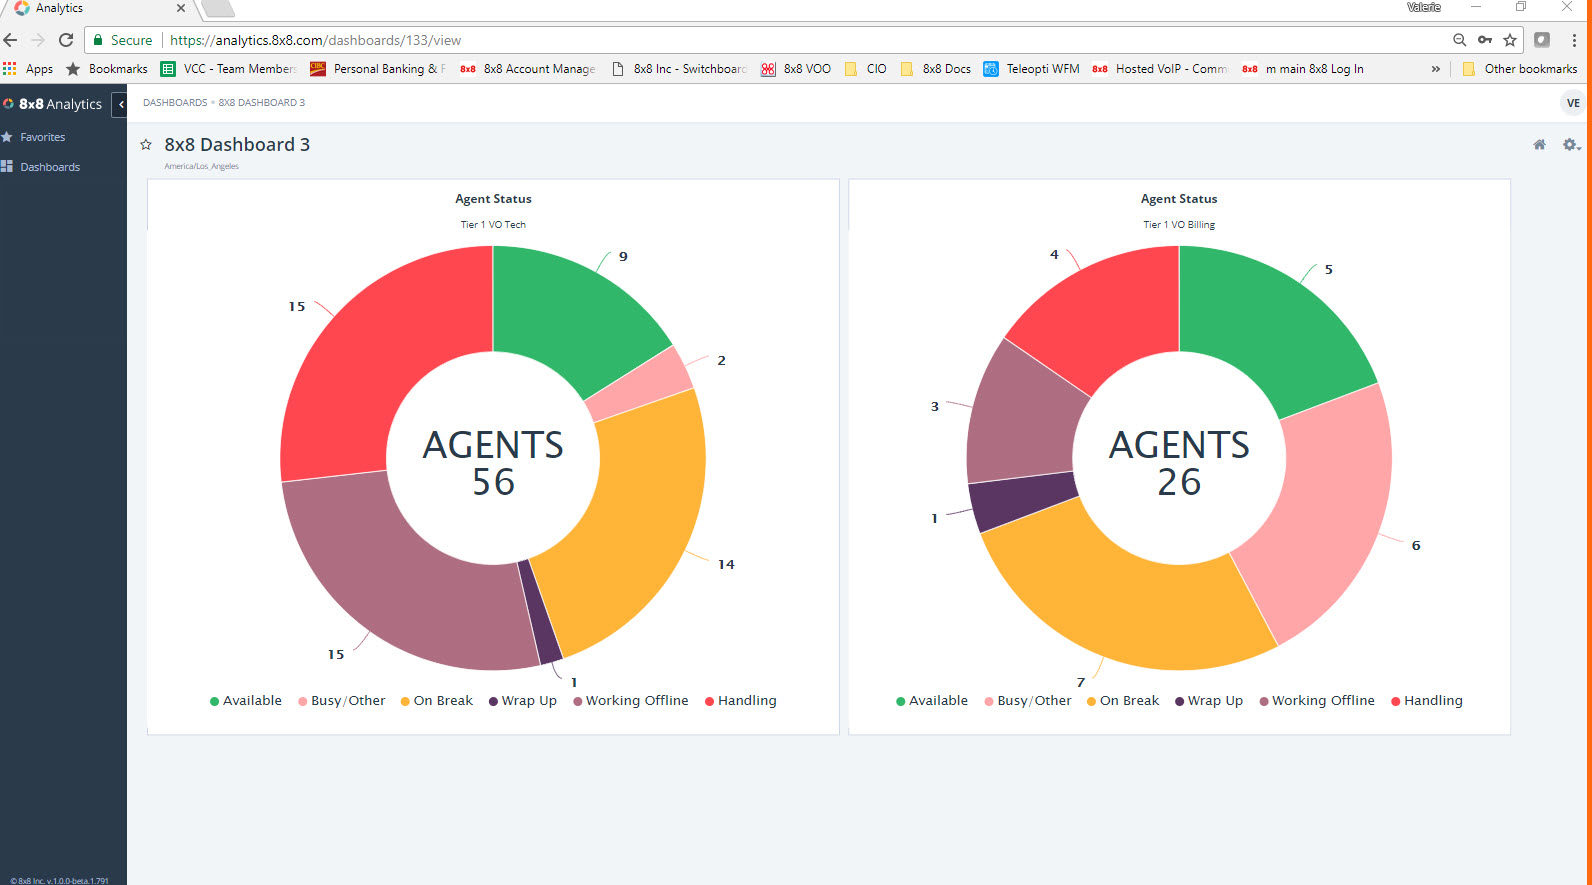 Virtual Contact Center Analytics Queue Dashboard